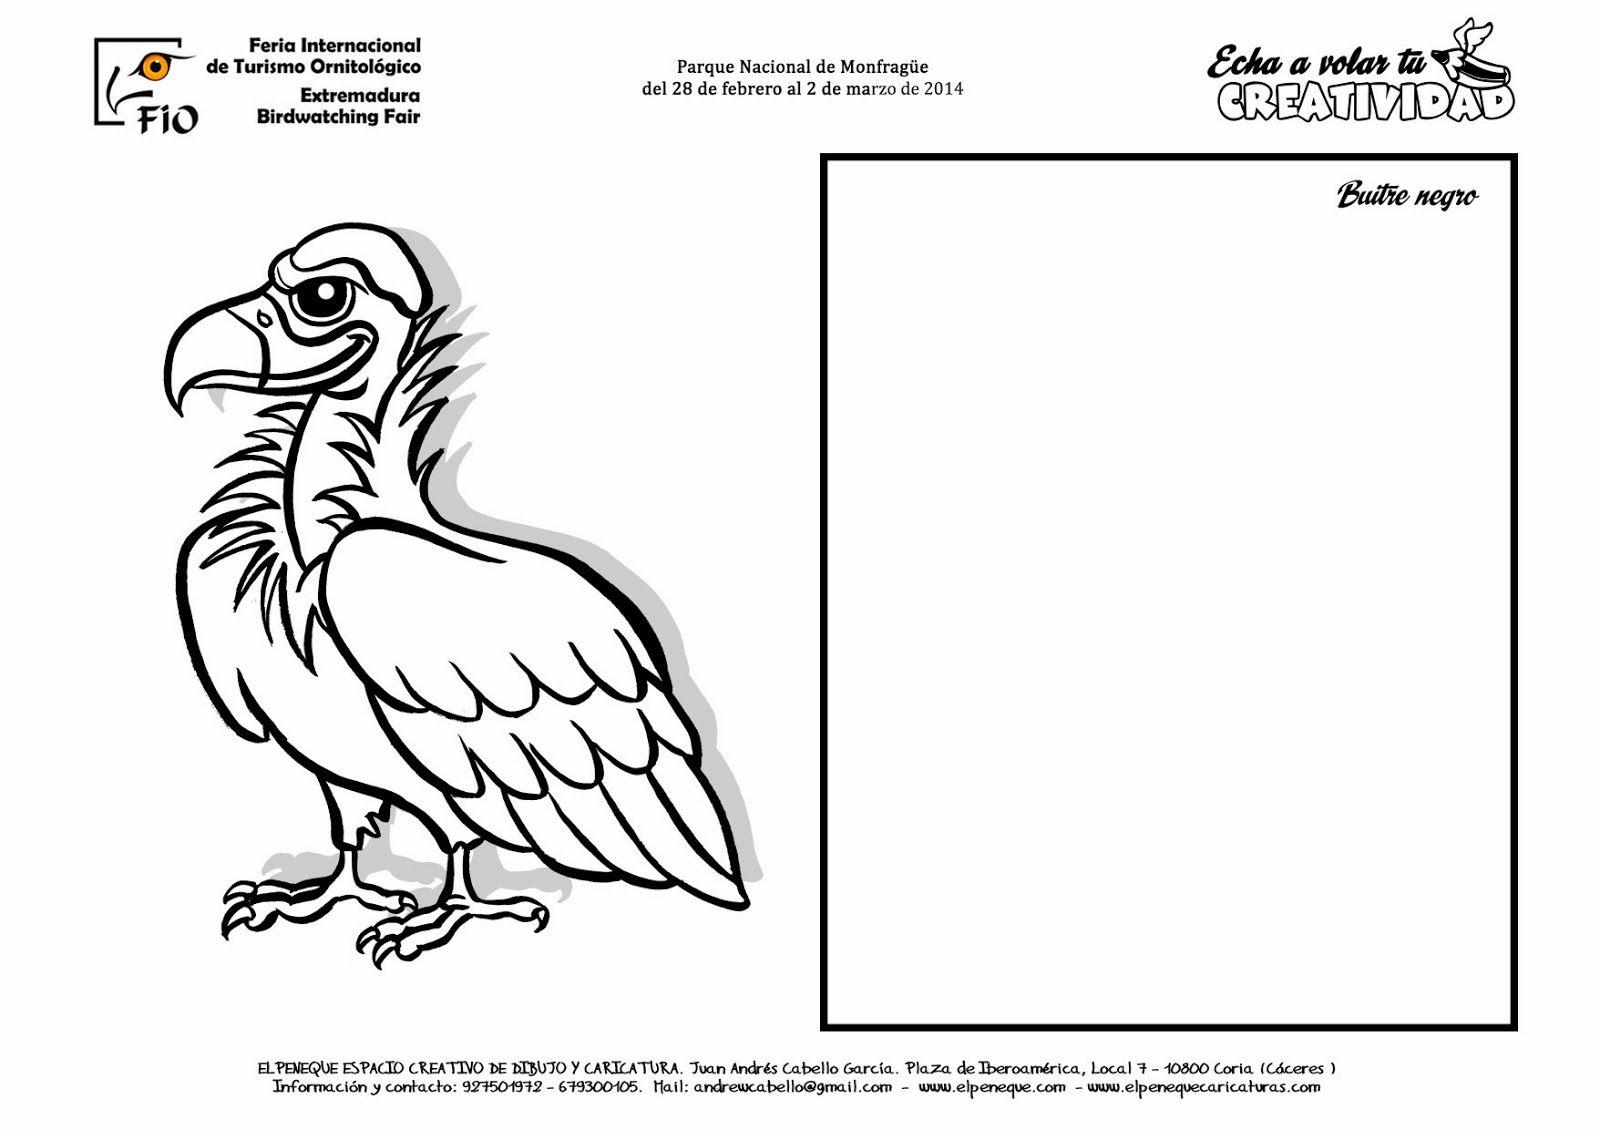 Elpeneque Dibujo Y Caricaturas Dibujos De Aves Dibujos De Colores Aves